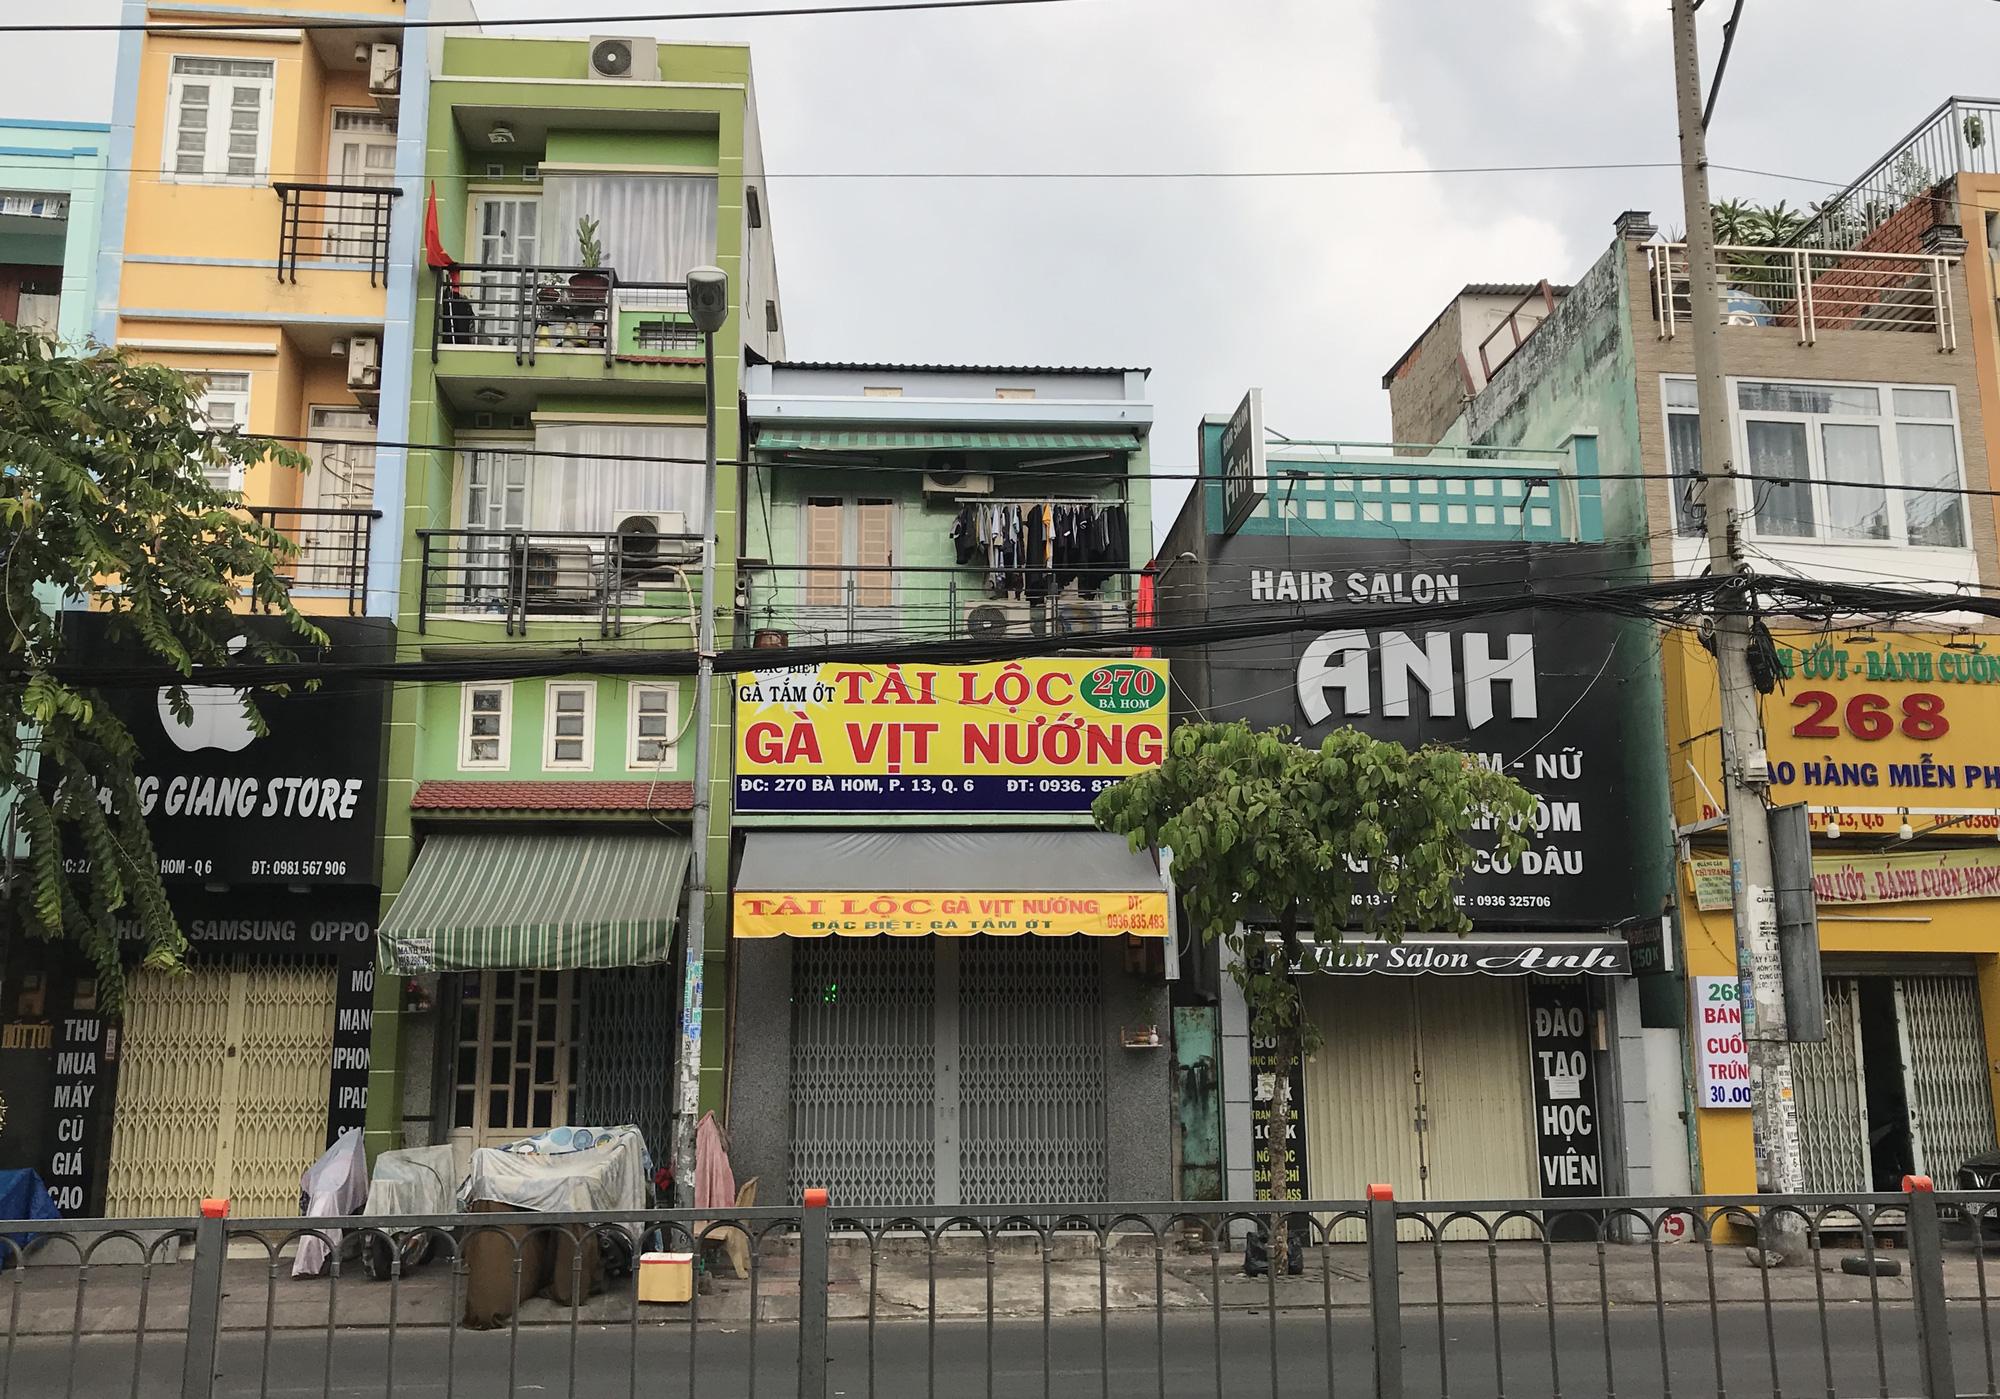 Hàng quán Sài Gòn còn ăn Tết, đóng cửa im ỉm, chưa khai trương dù đã bước qua mùng 7 - Ảnh 7.